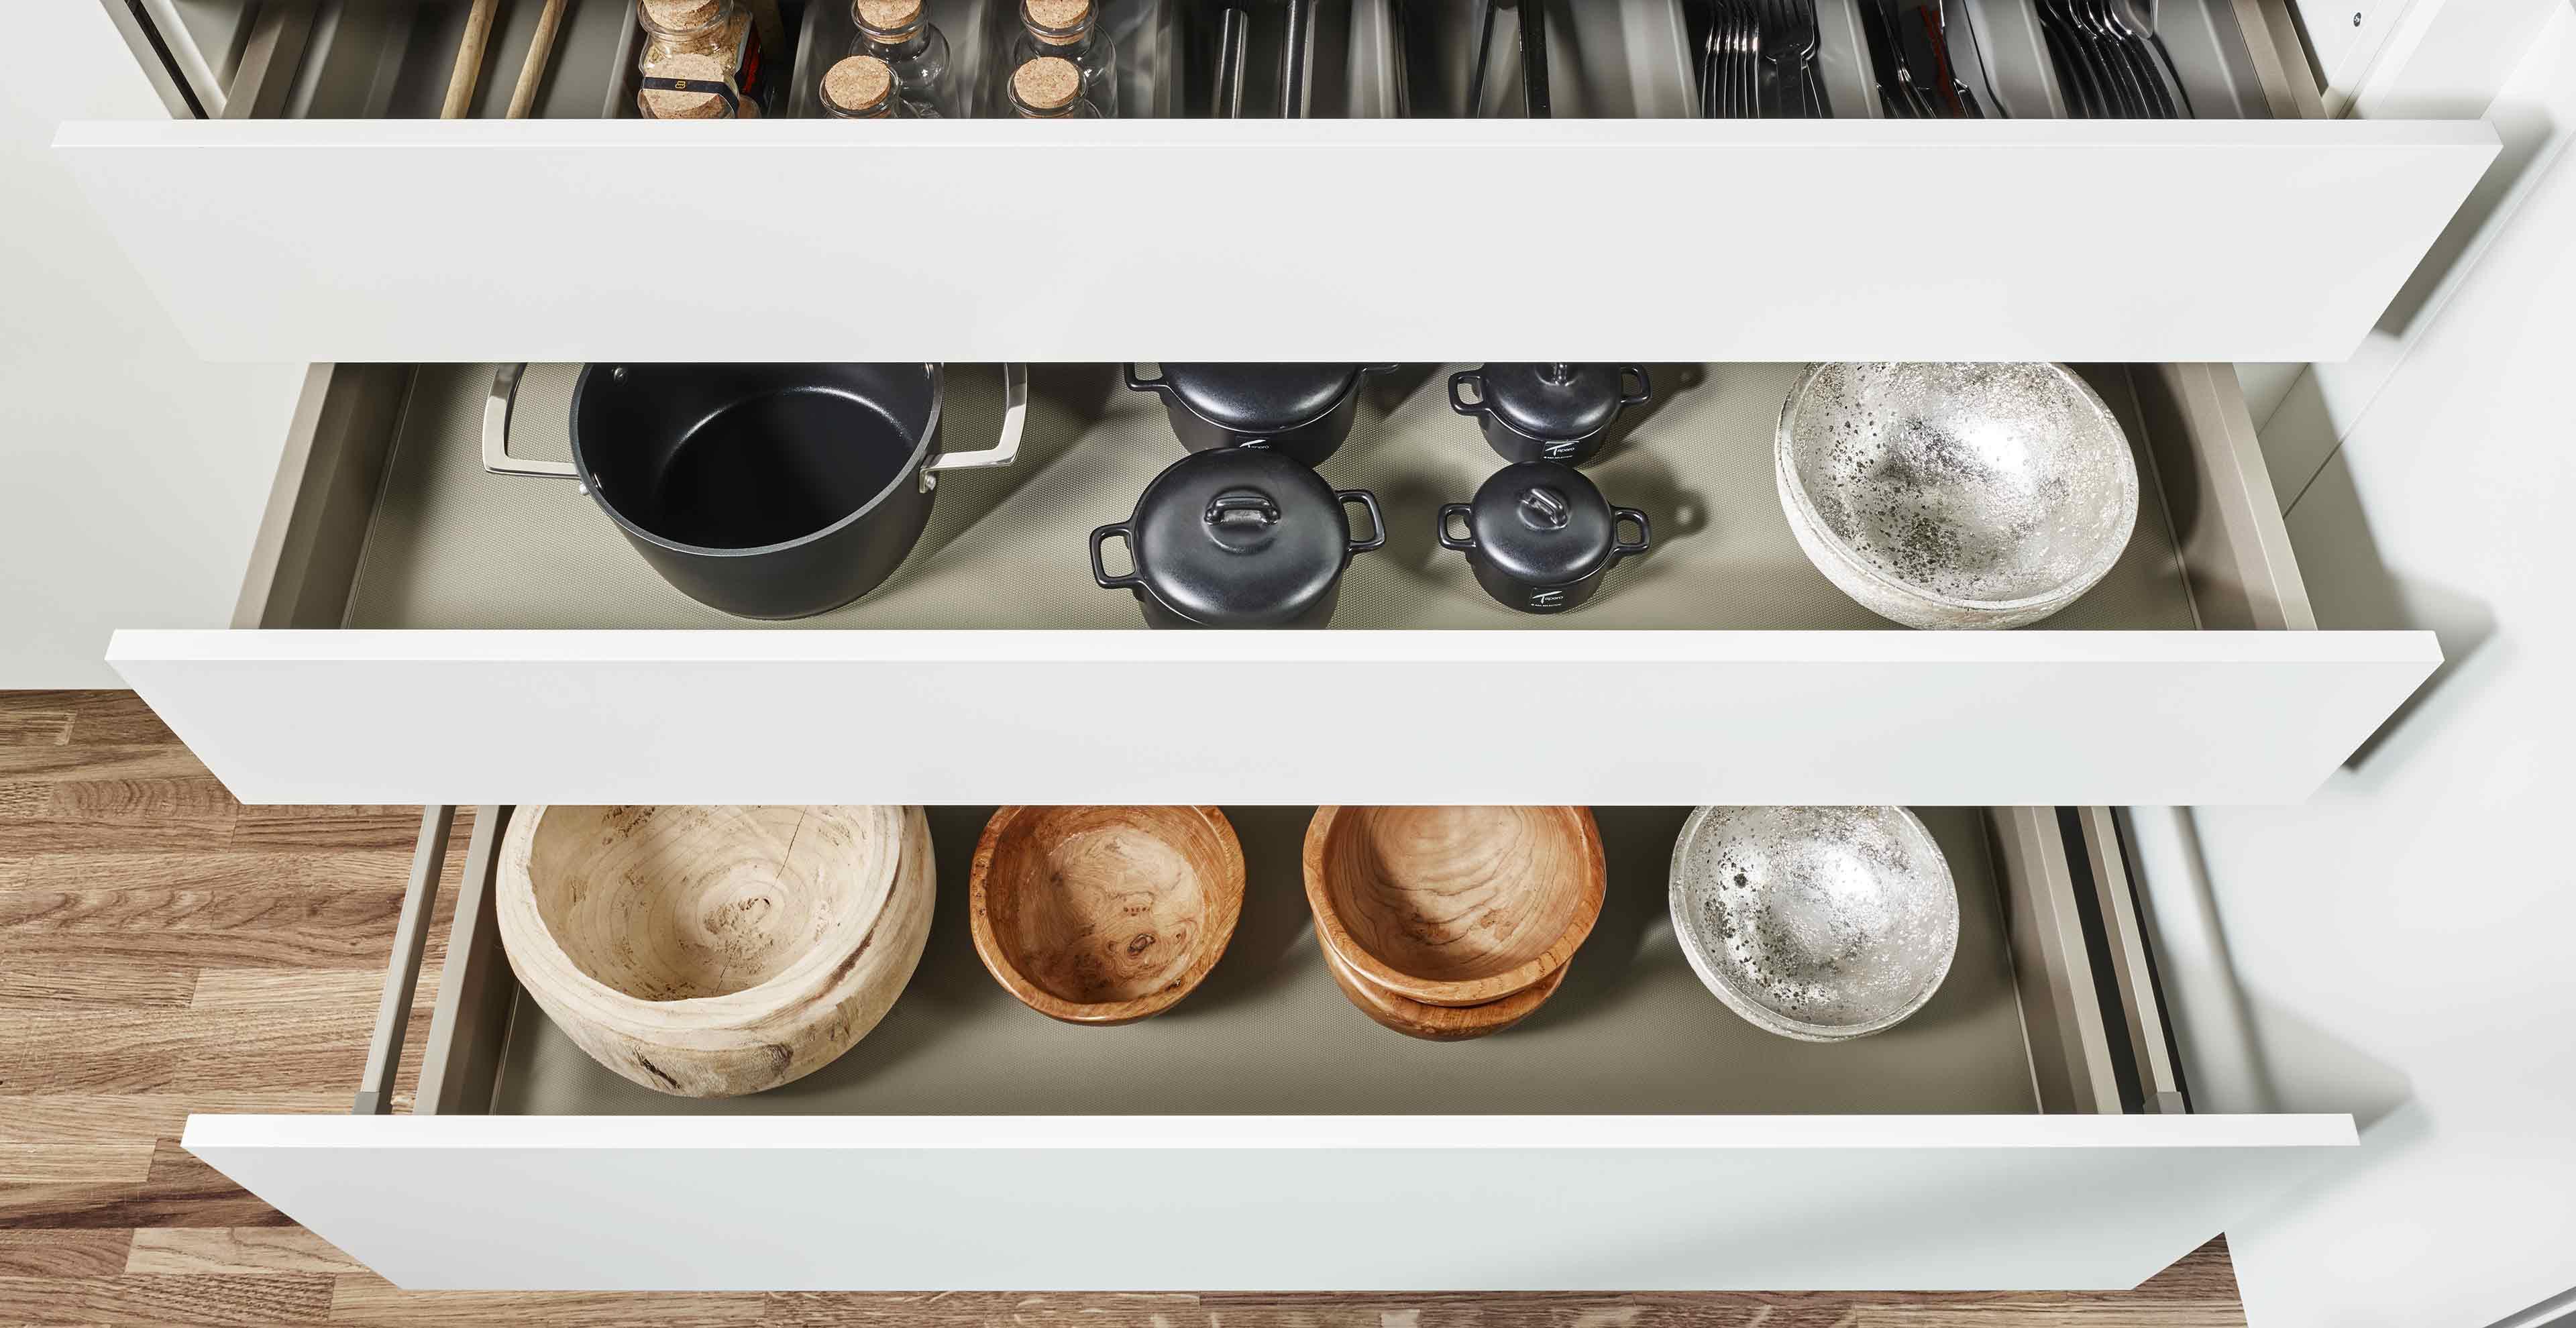 Zubehor Ausstattungsideen Fur Ihre Kuche